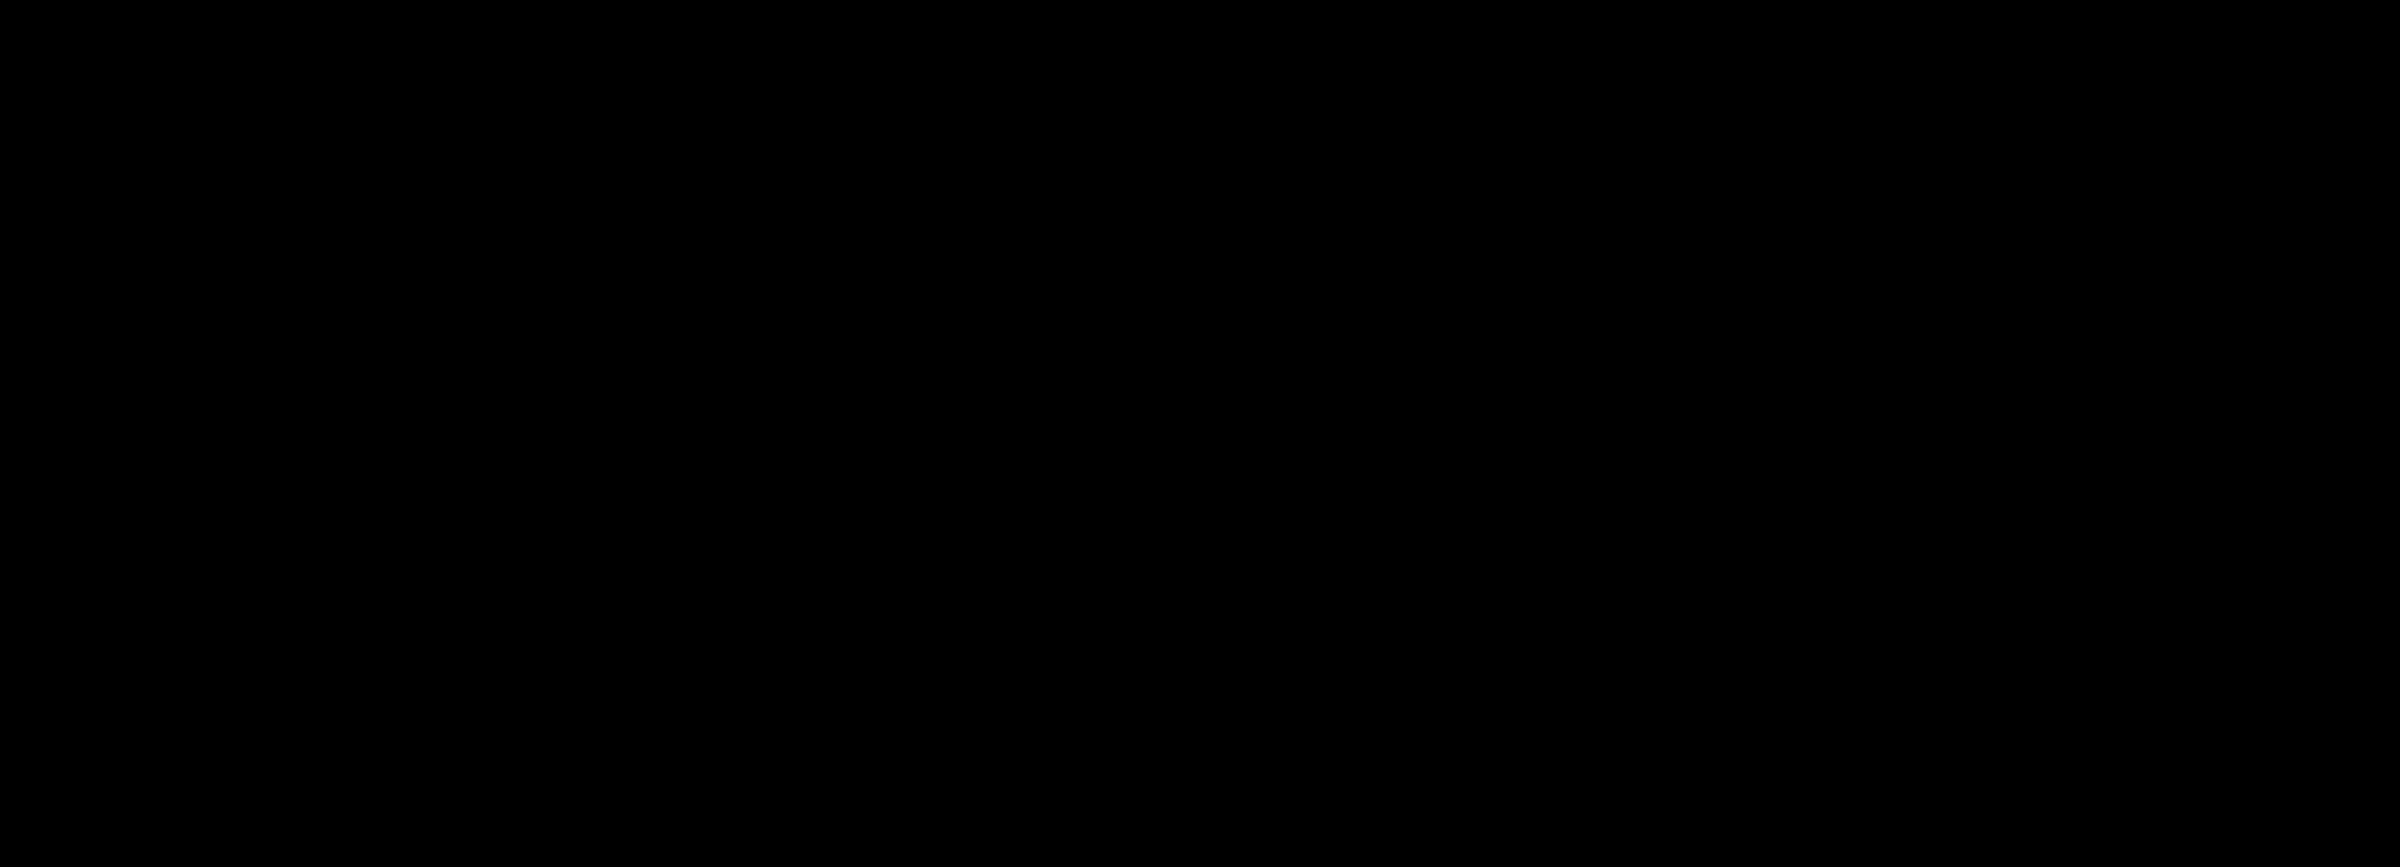 Biotherm Logo PNG Transparent & SVG Vector